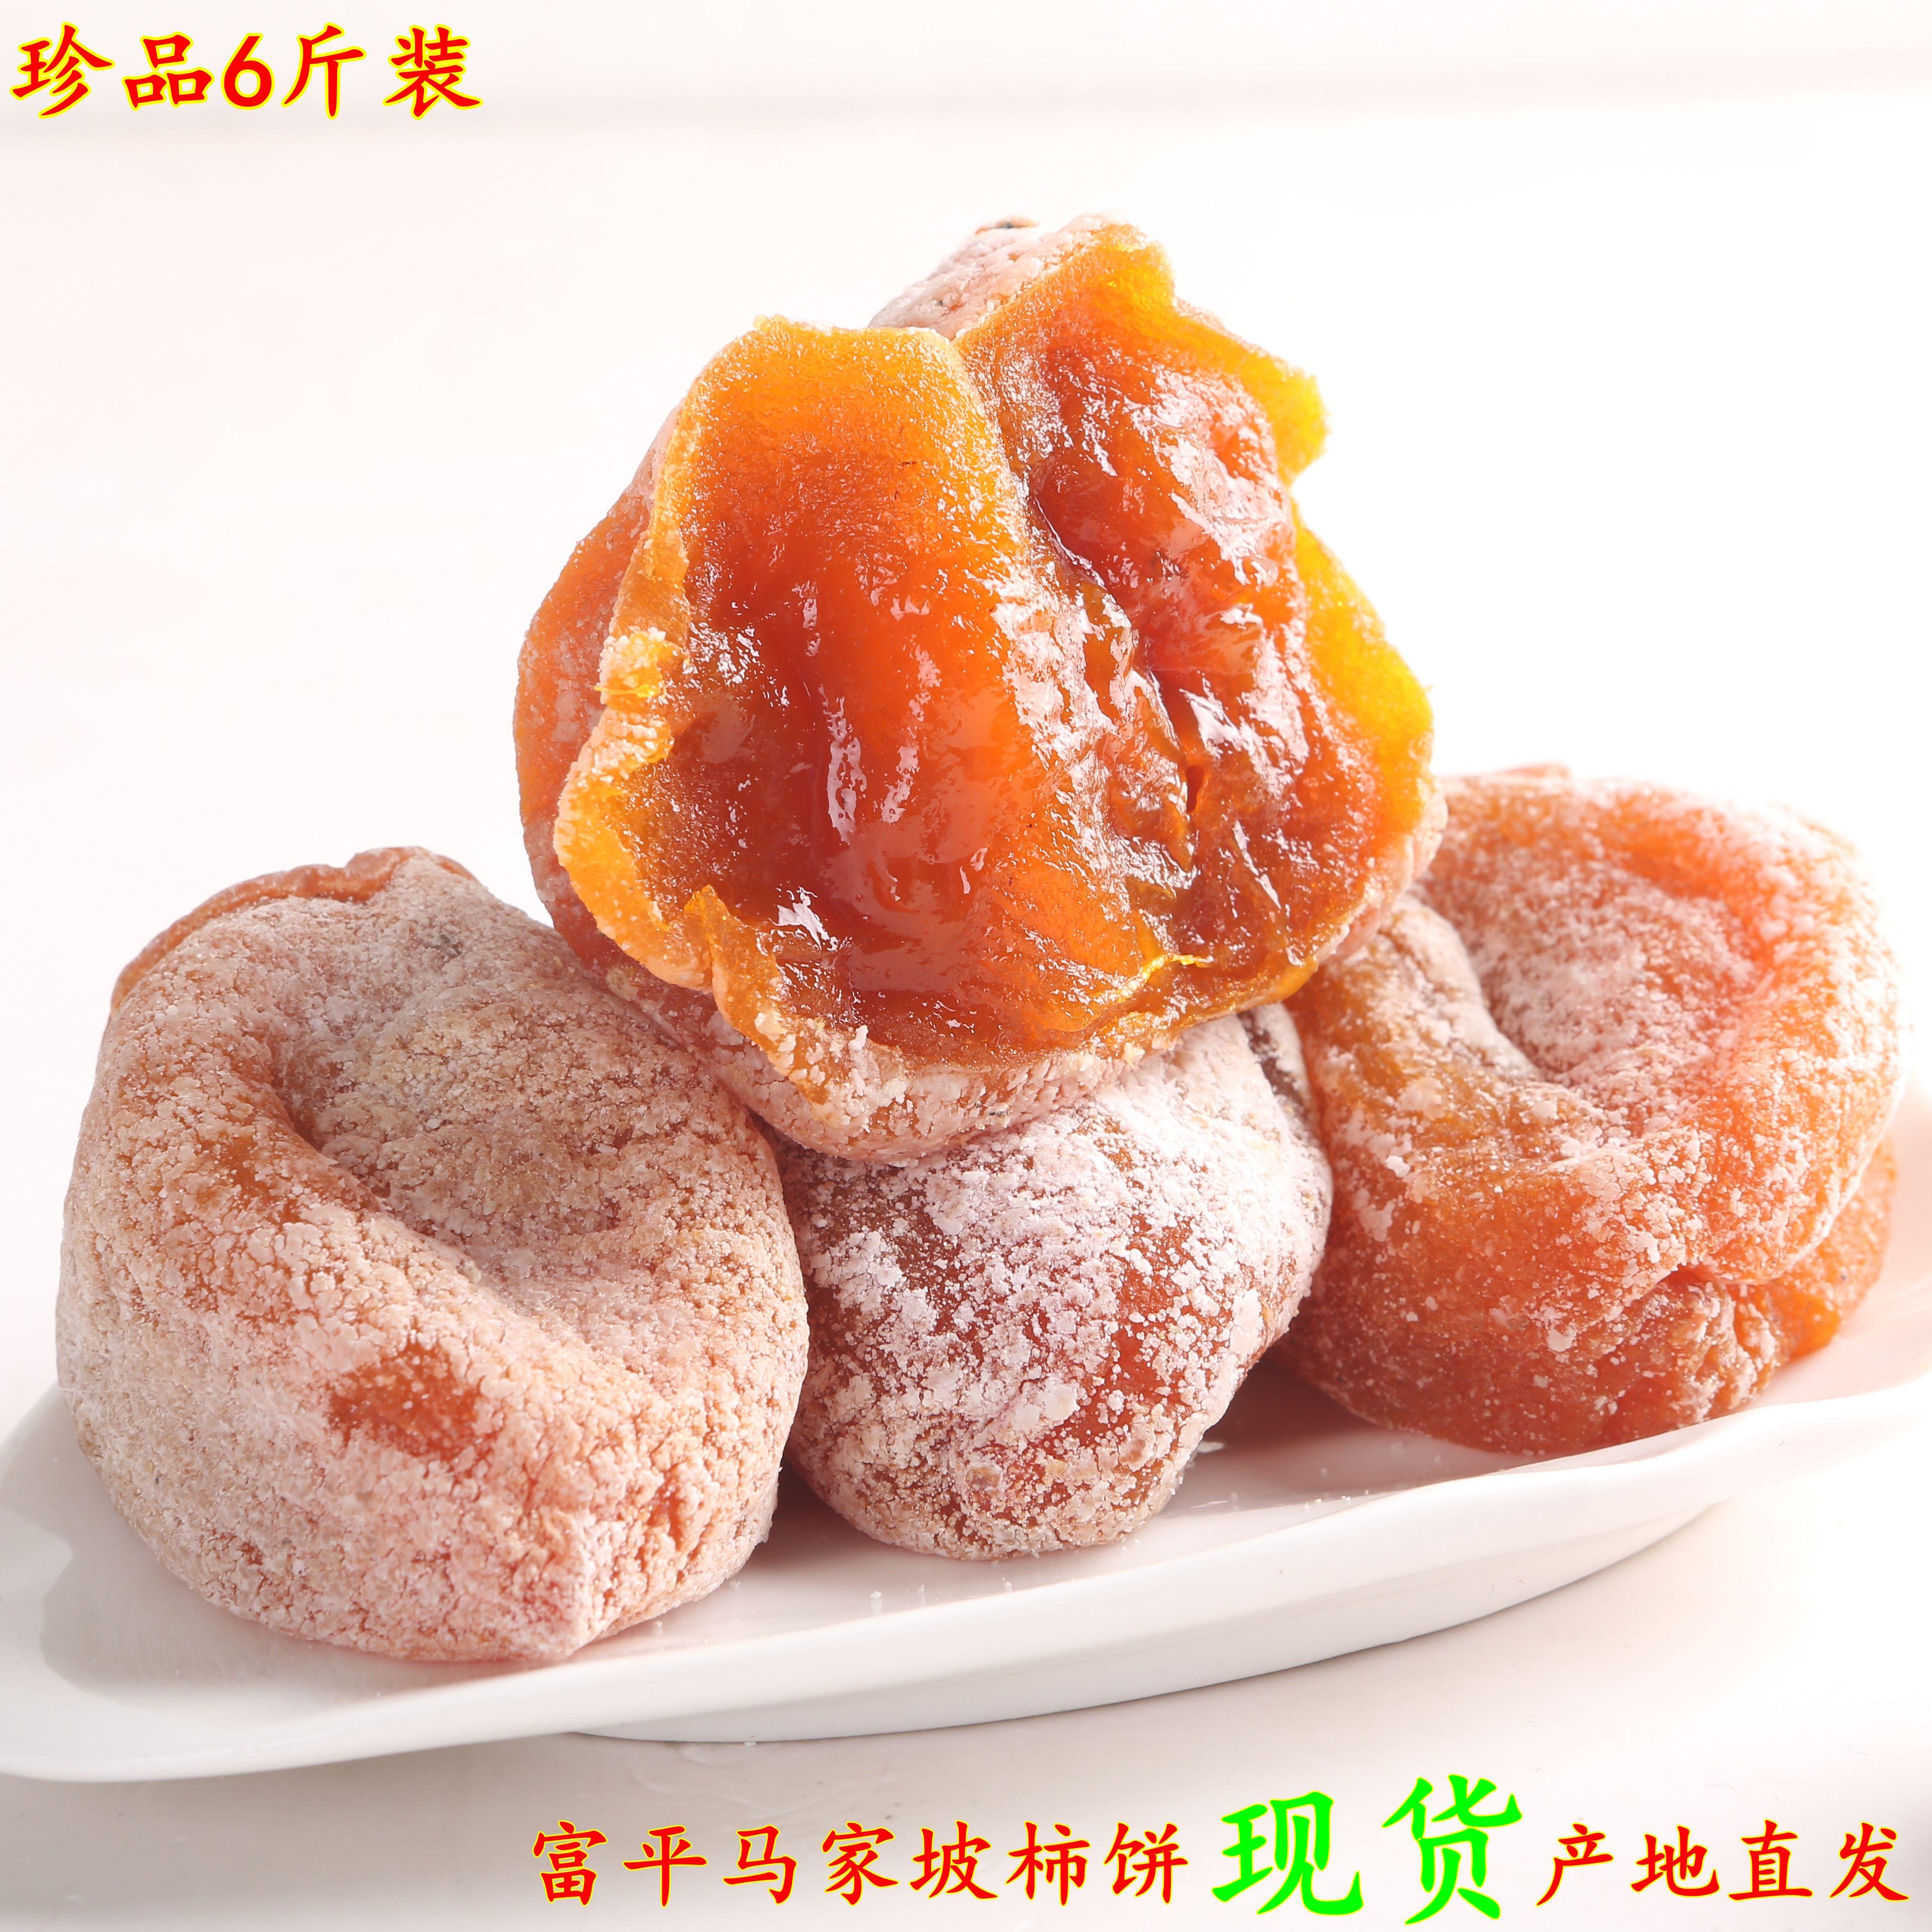 斤包邮 6 马家坡吊柿饼珍品装特级美食陕西富平产地正宗出口 韩国